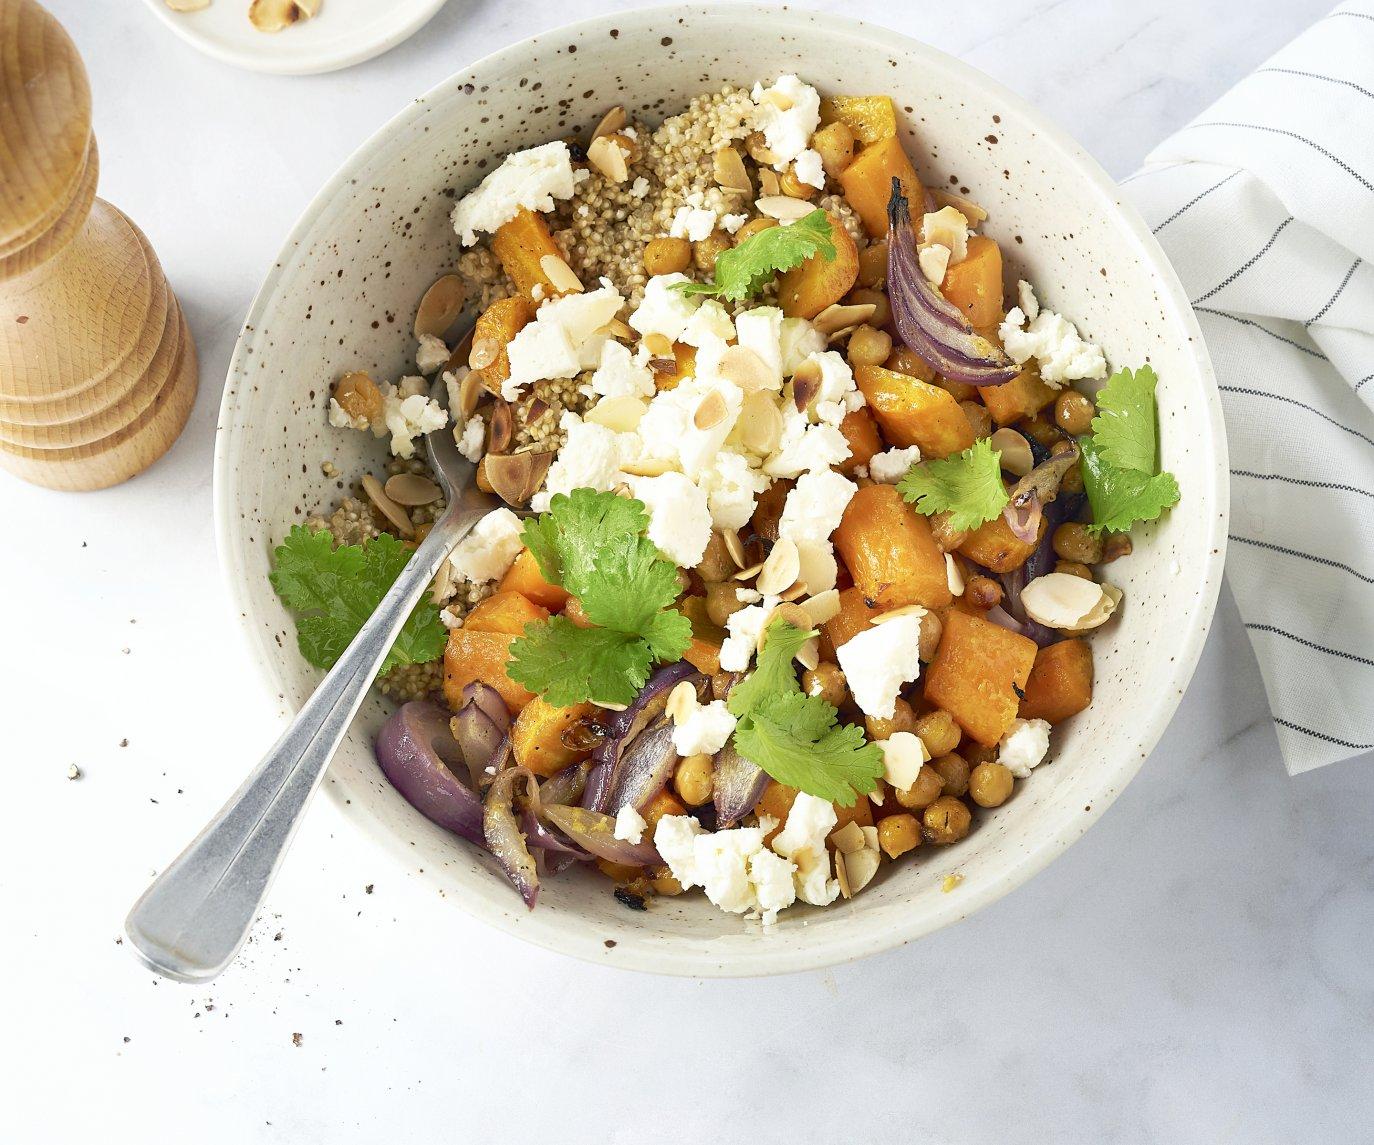 Honing-sinaasappel wortelen en kikkererwten uit de oven met feta en quinoa